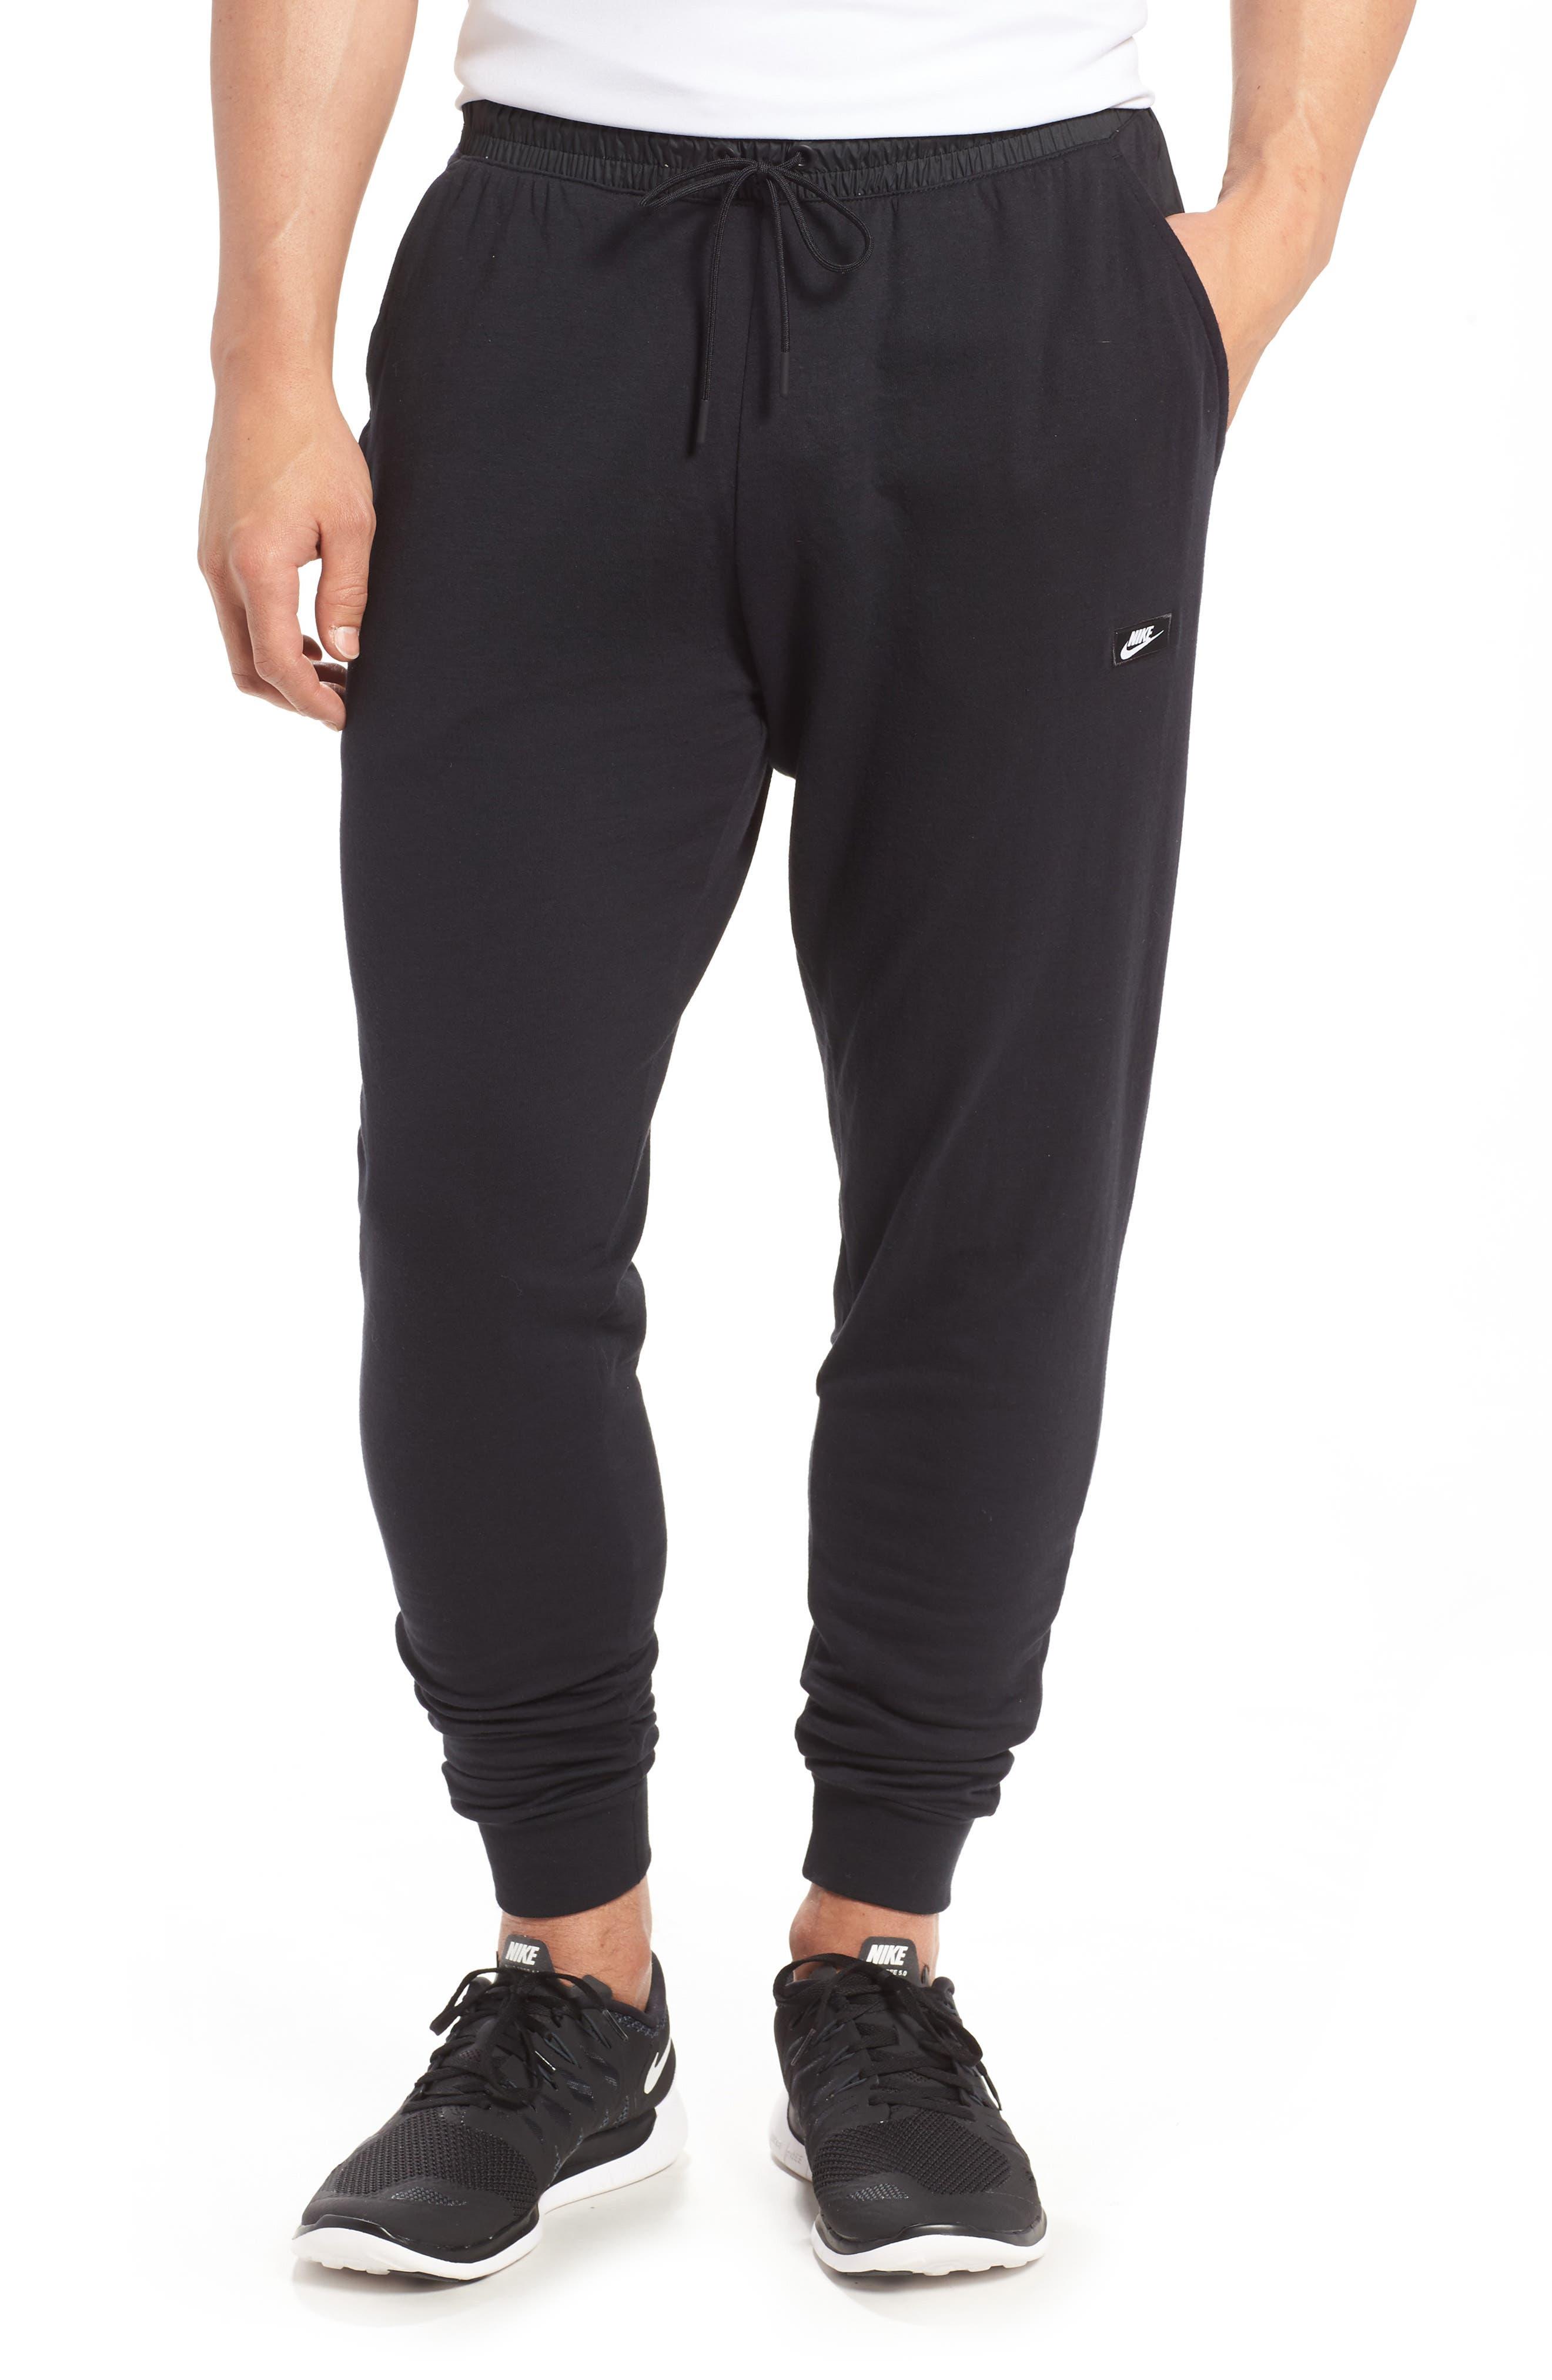 Modern Jogger Pants,                             Main thumbnail 1, color,                             BLACK/ BLACK